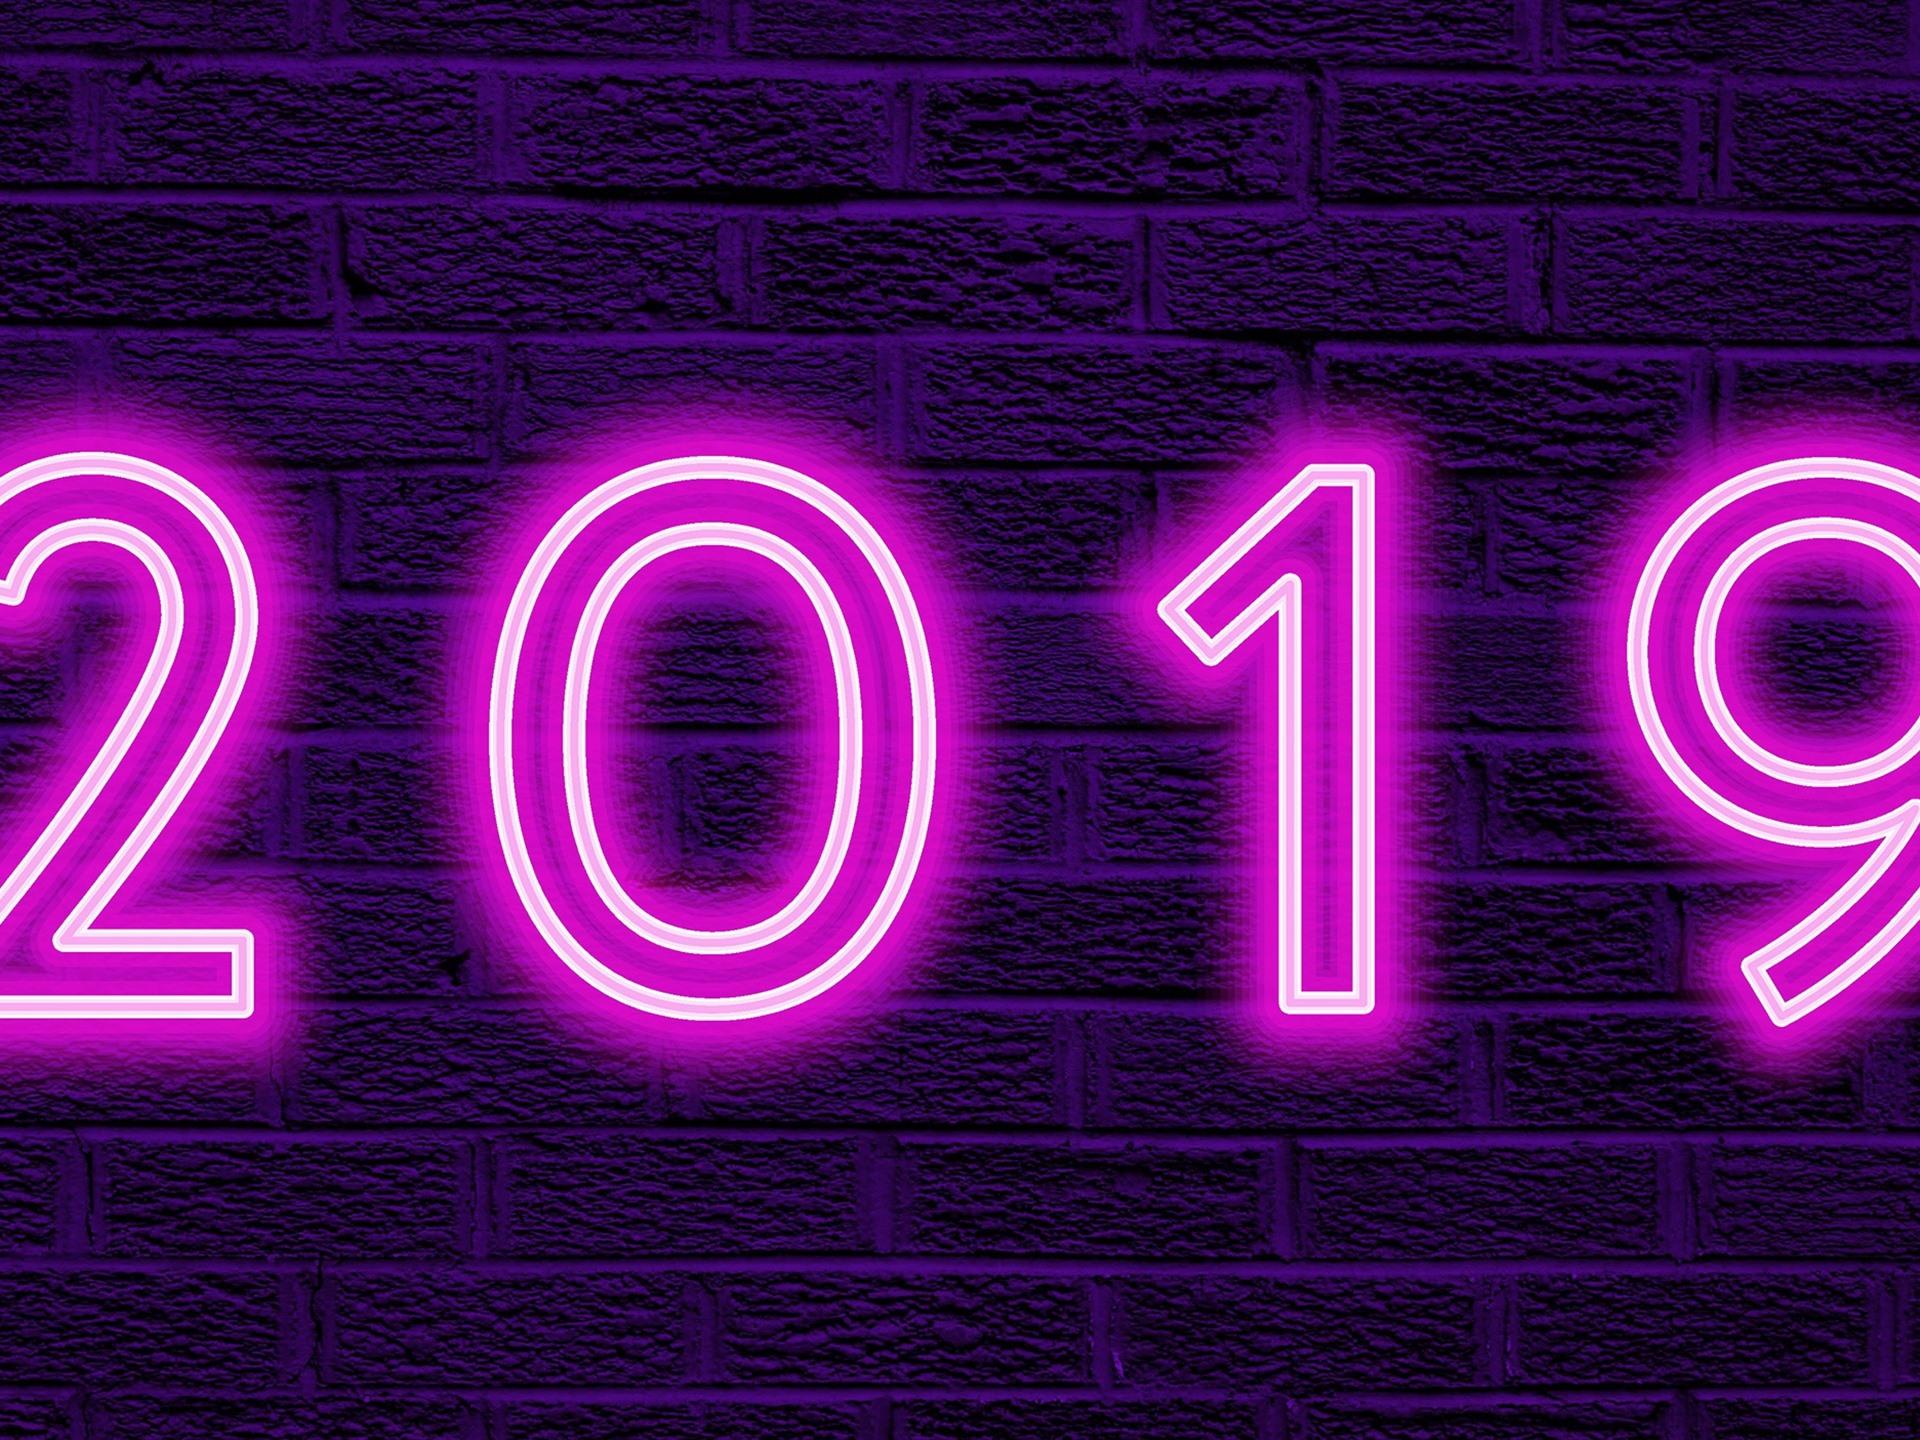 Fondos De Pantalla Feliz Año Nuevo 2019, Luces Moradas